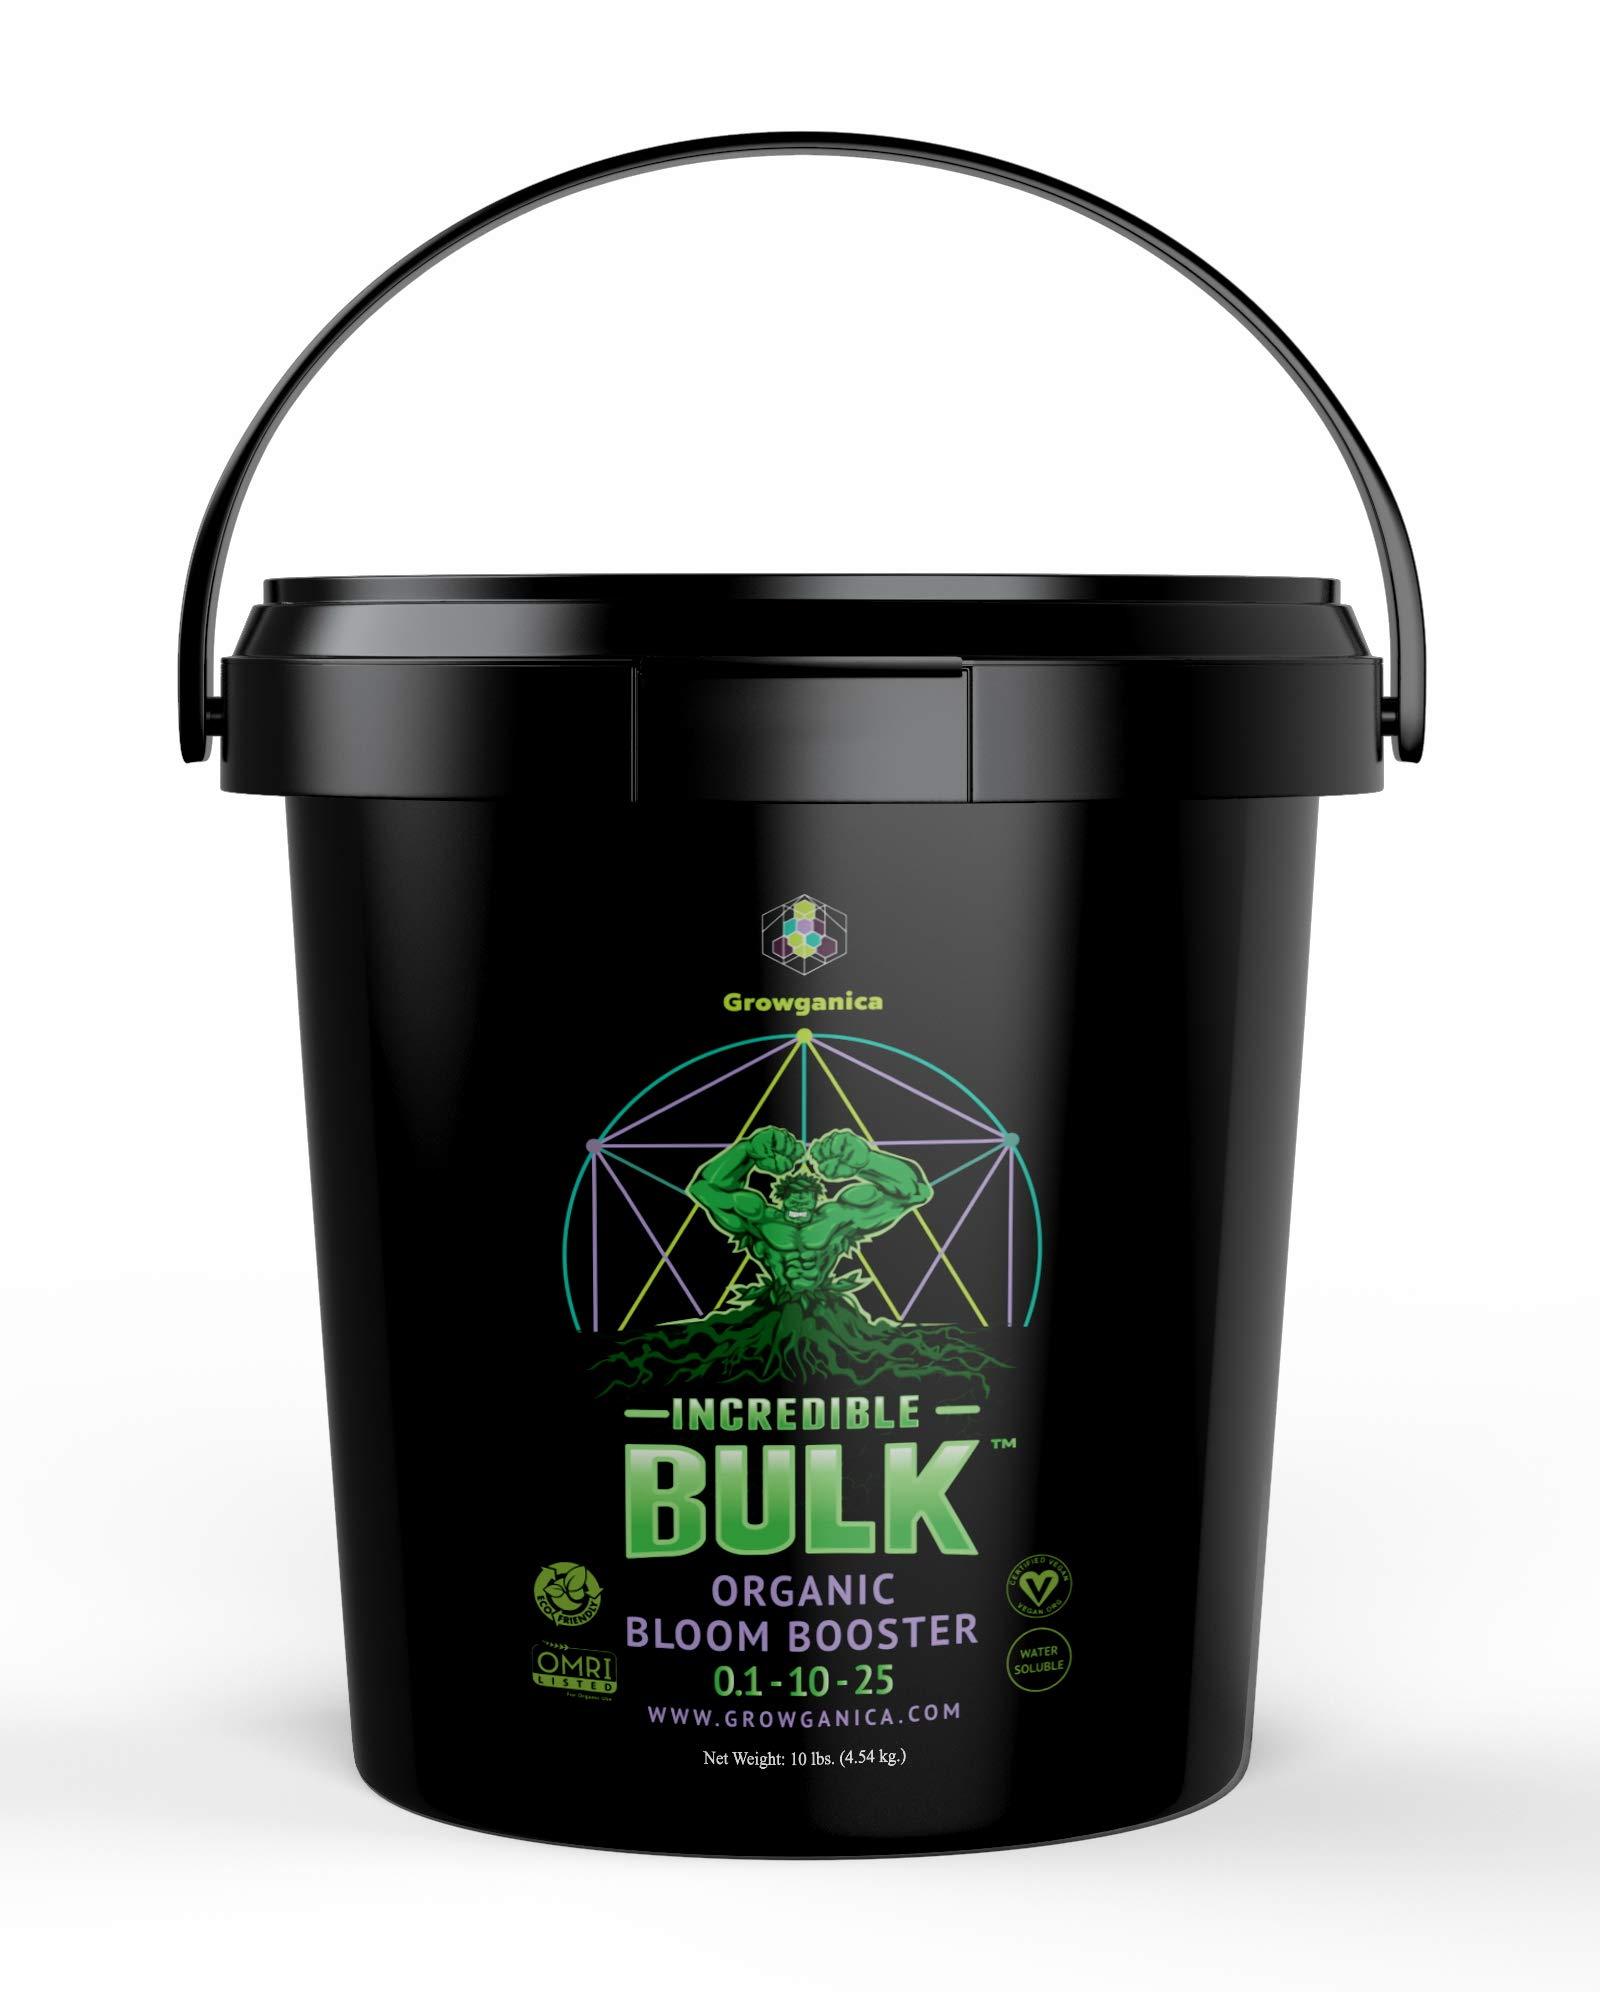 Bloom Booster, Incredible Bulk 0.1-10-25 Certified Vegan OMRI Listed Organic Plant Food (10lb)